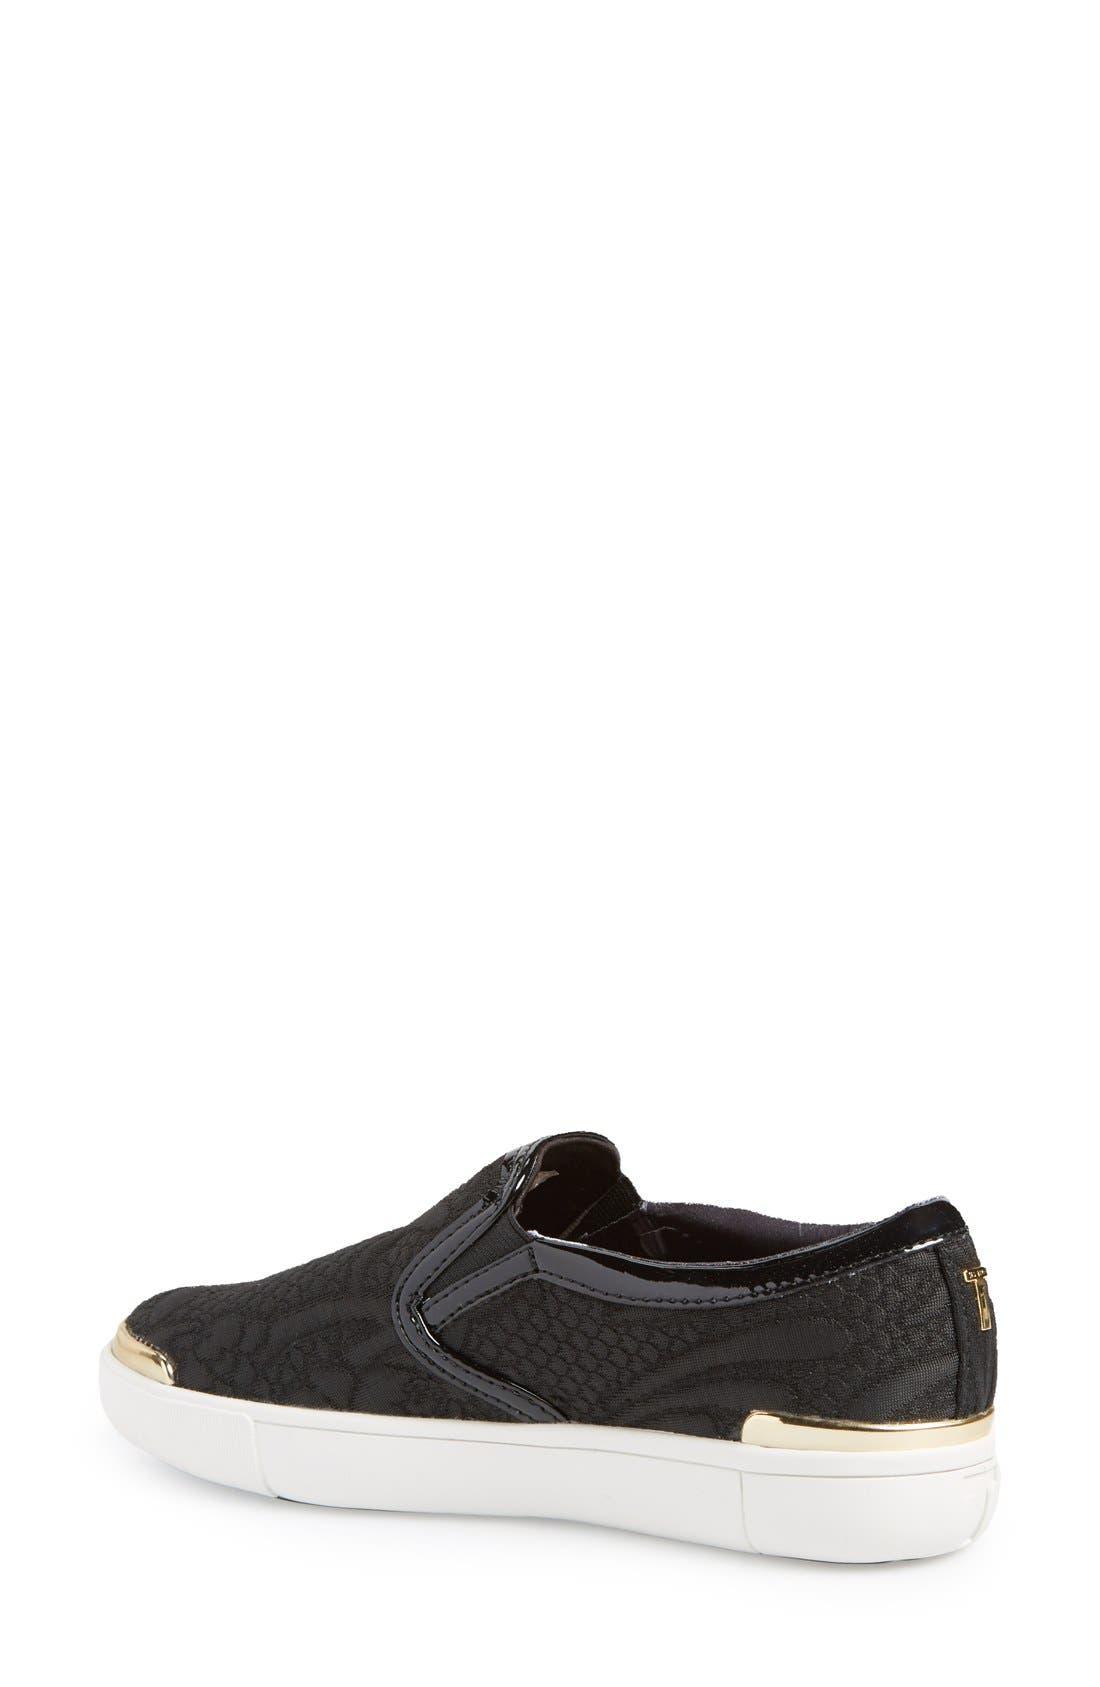 Alternate Image 2  - Ted Baker London 'Mallbeck2' Slip-On Sneaker (Women)